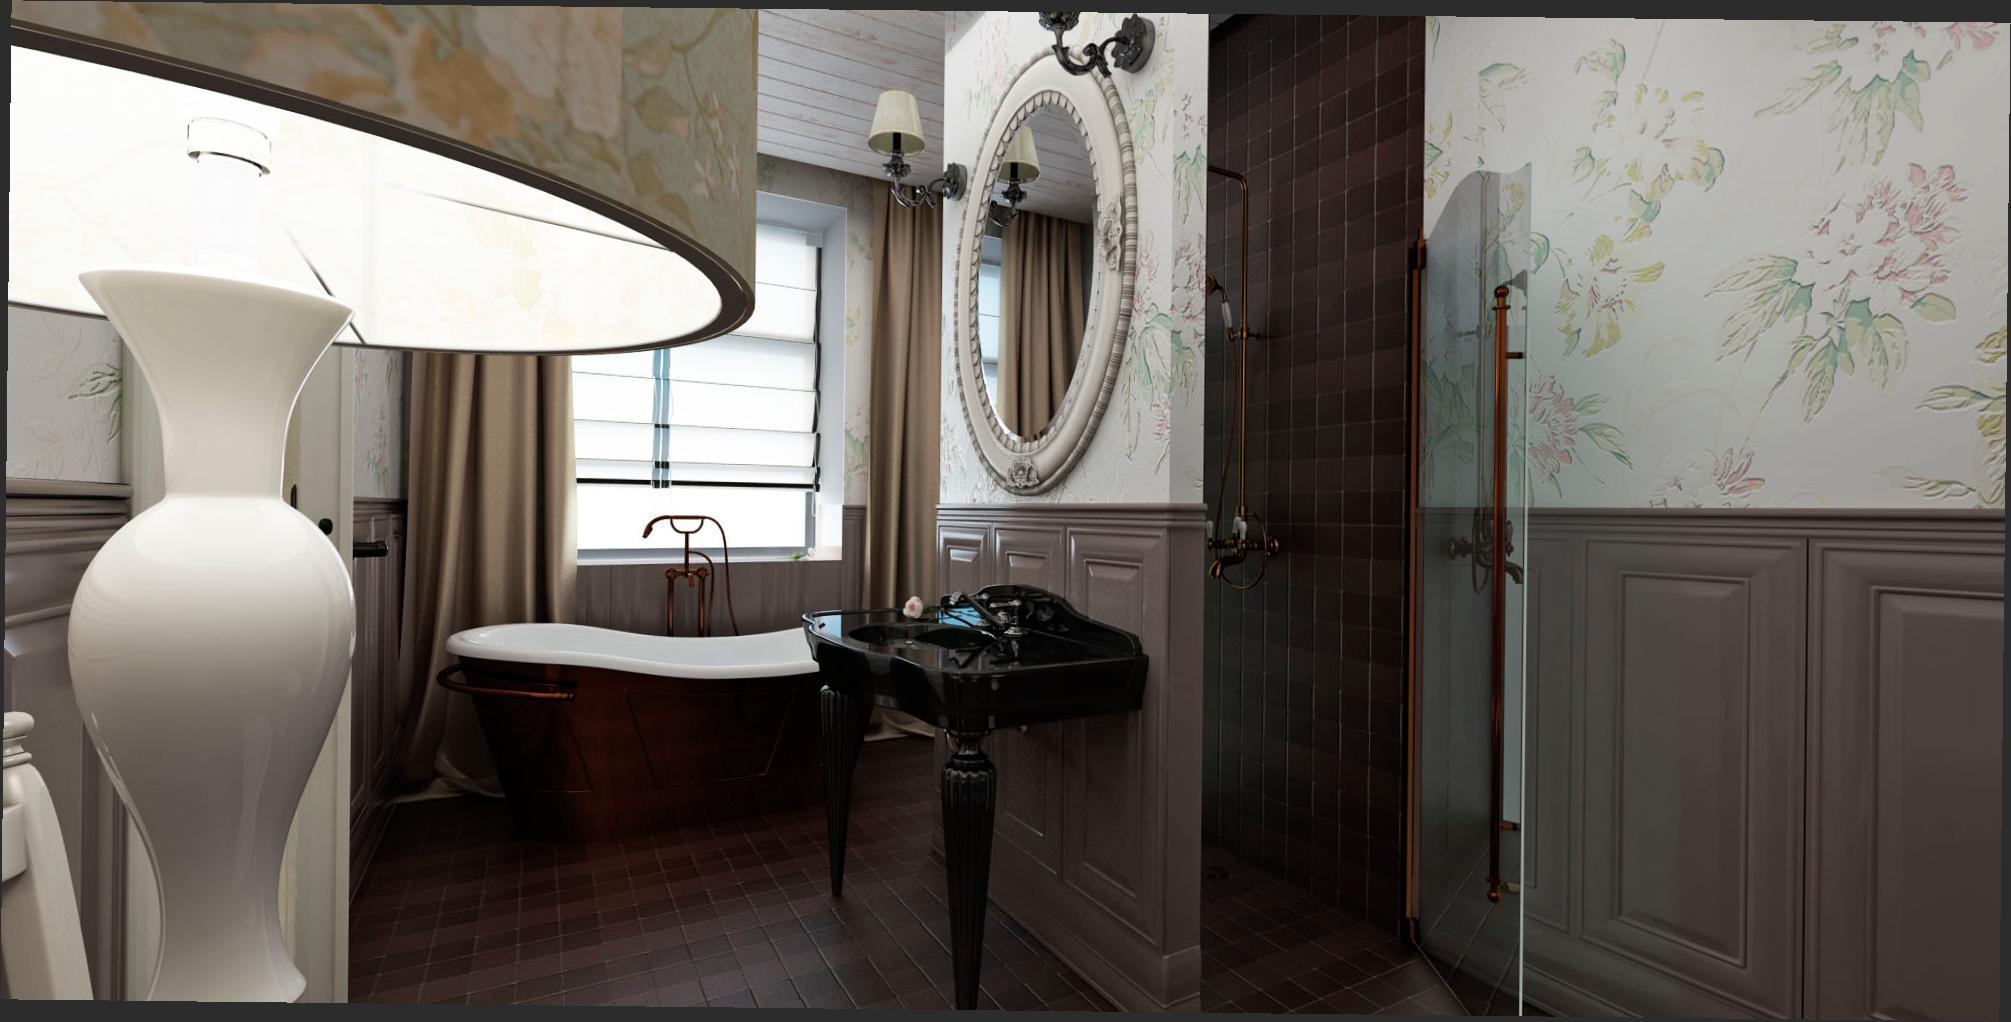 Отдельно стоящая ванна и наличие окна идеальное сочетание в английском стиле